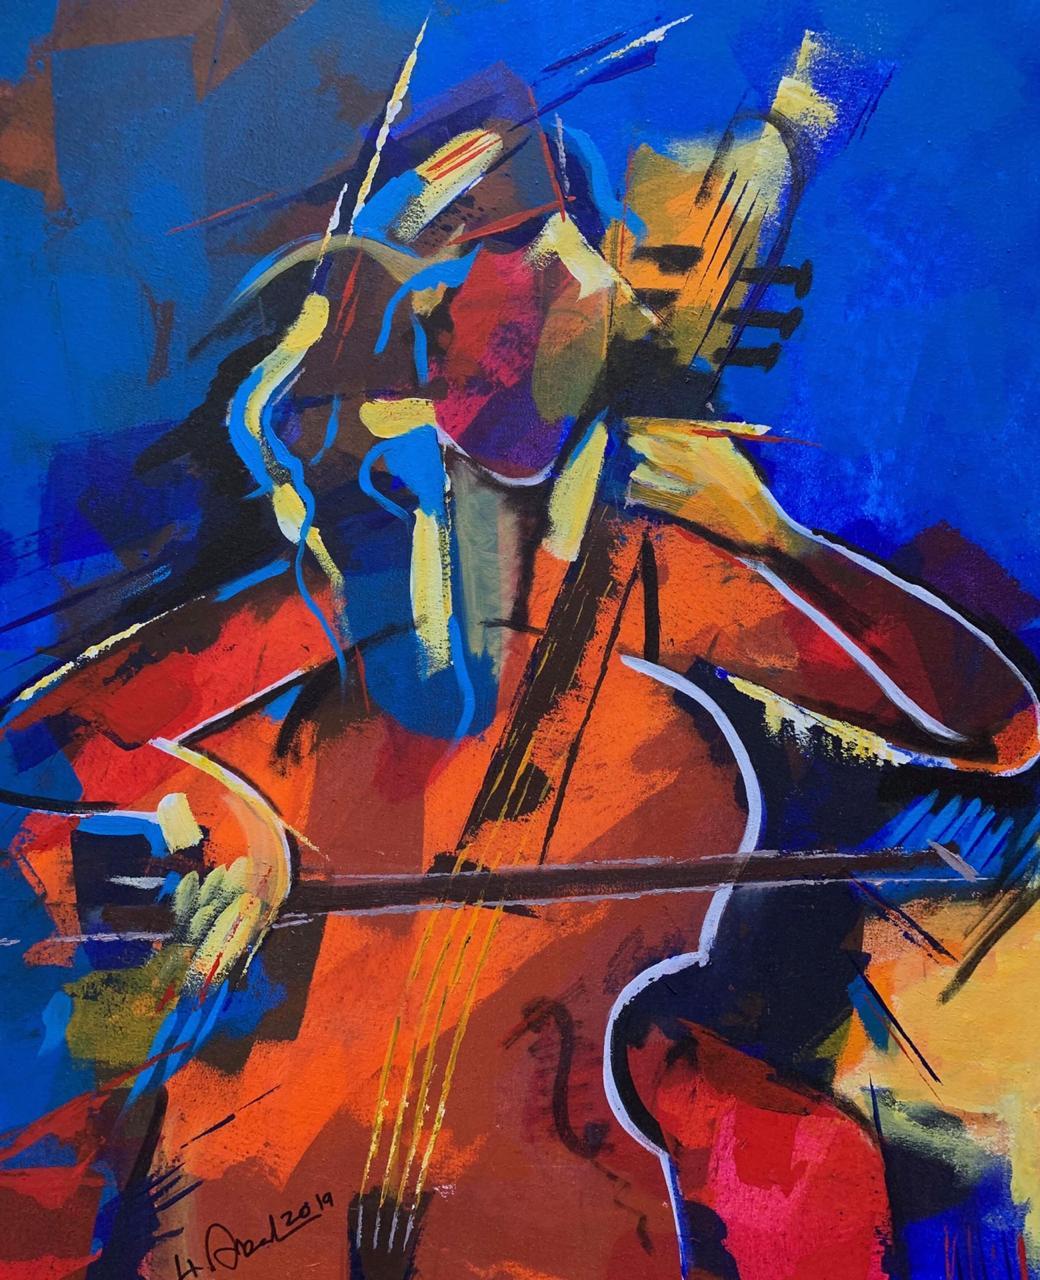 عمل فنى بمعرض هوى للدكتور هانى عبدالبديع (5)